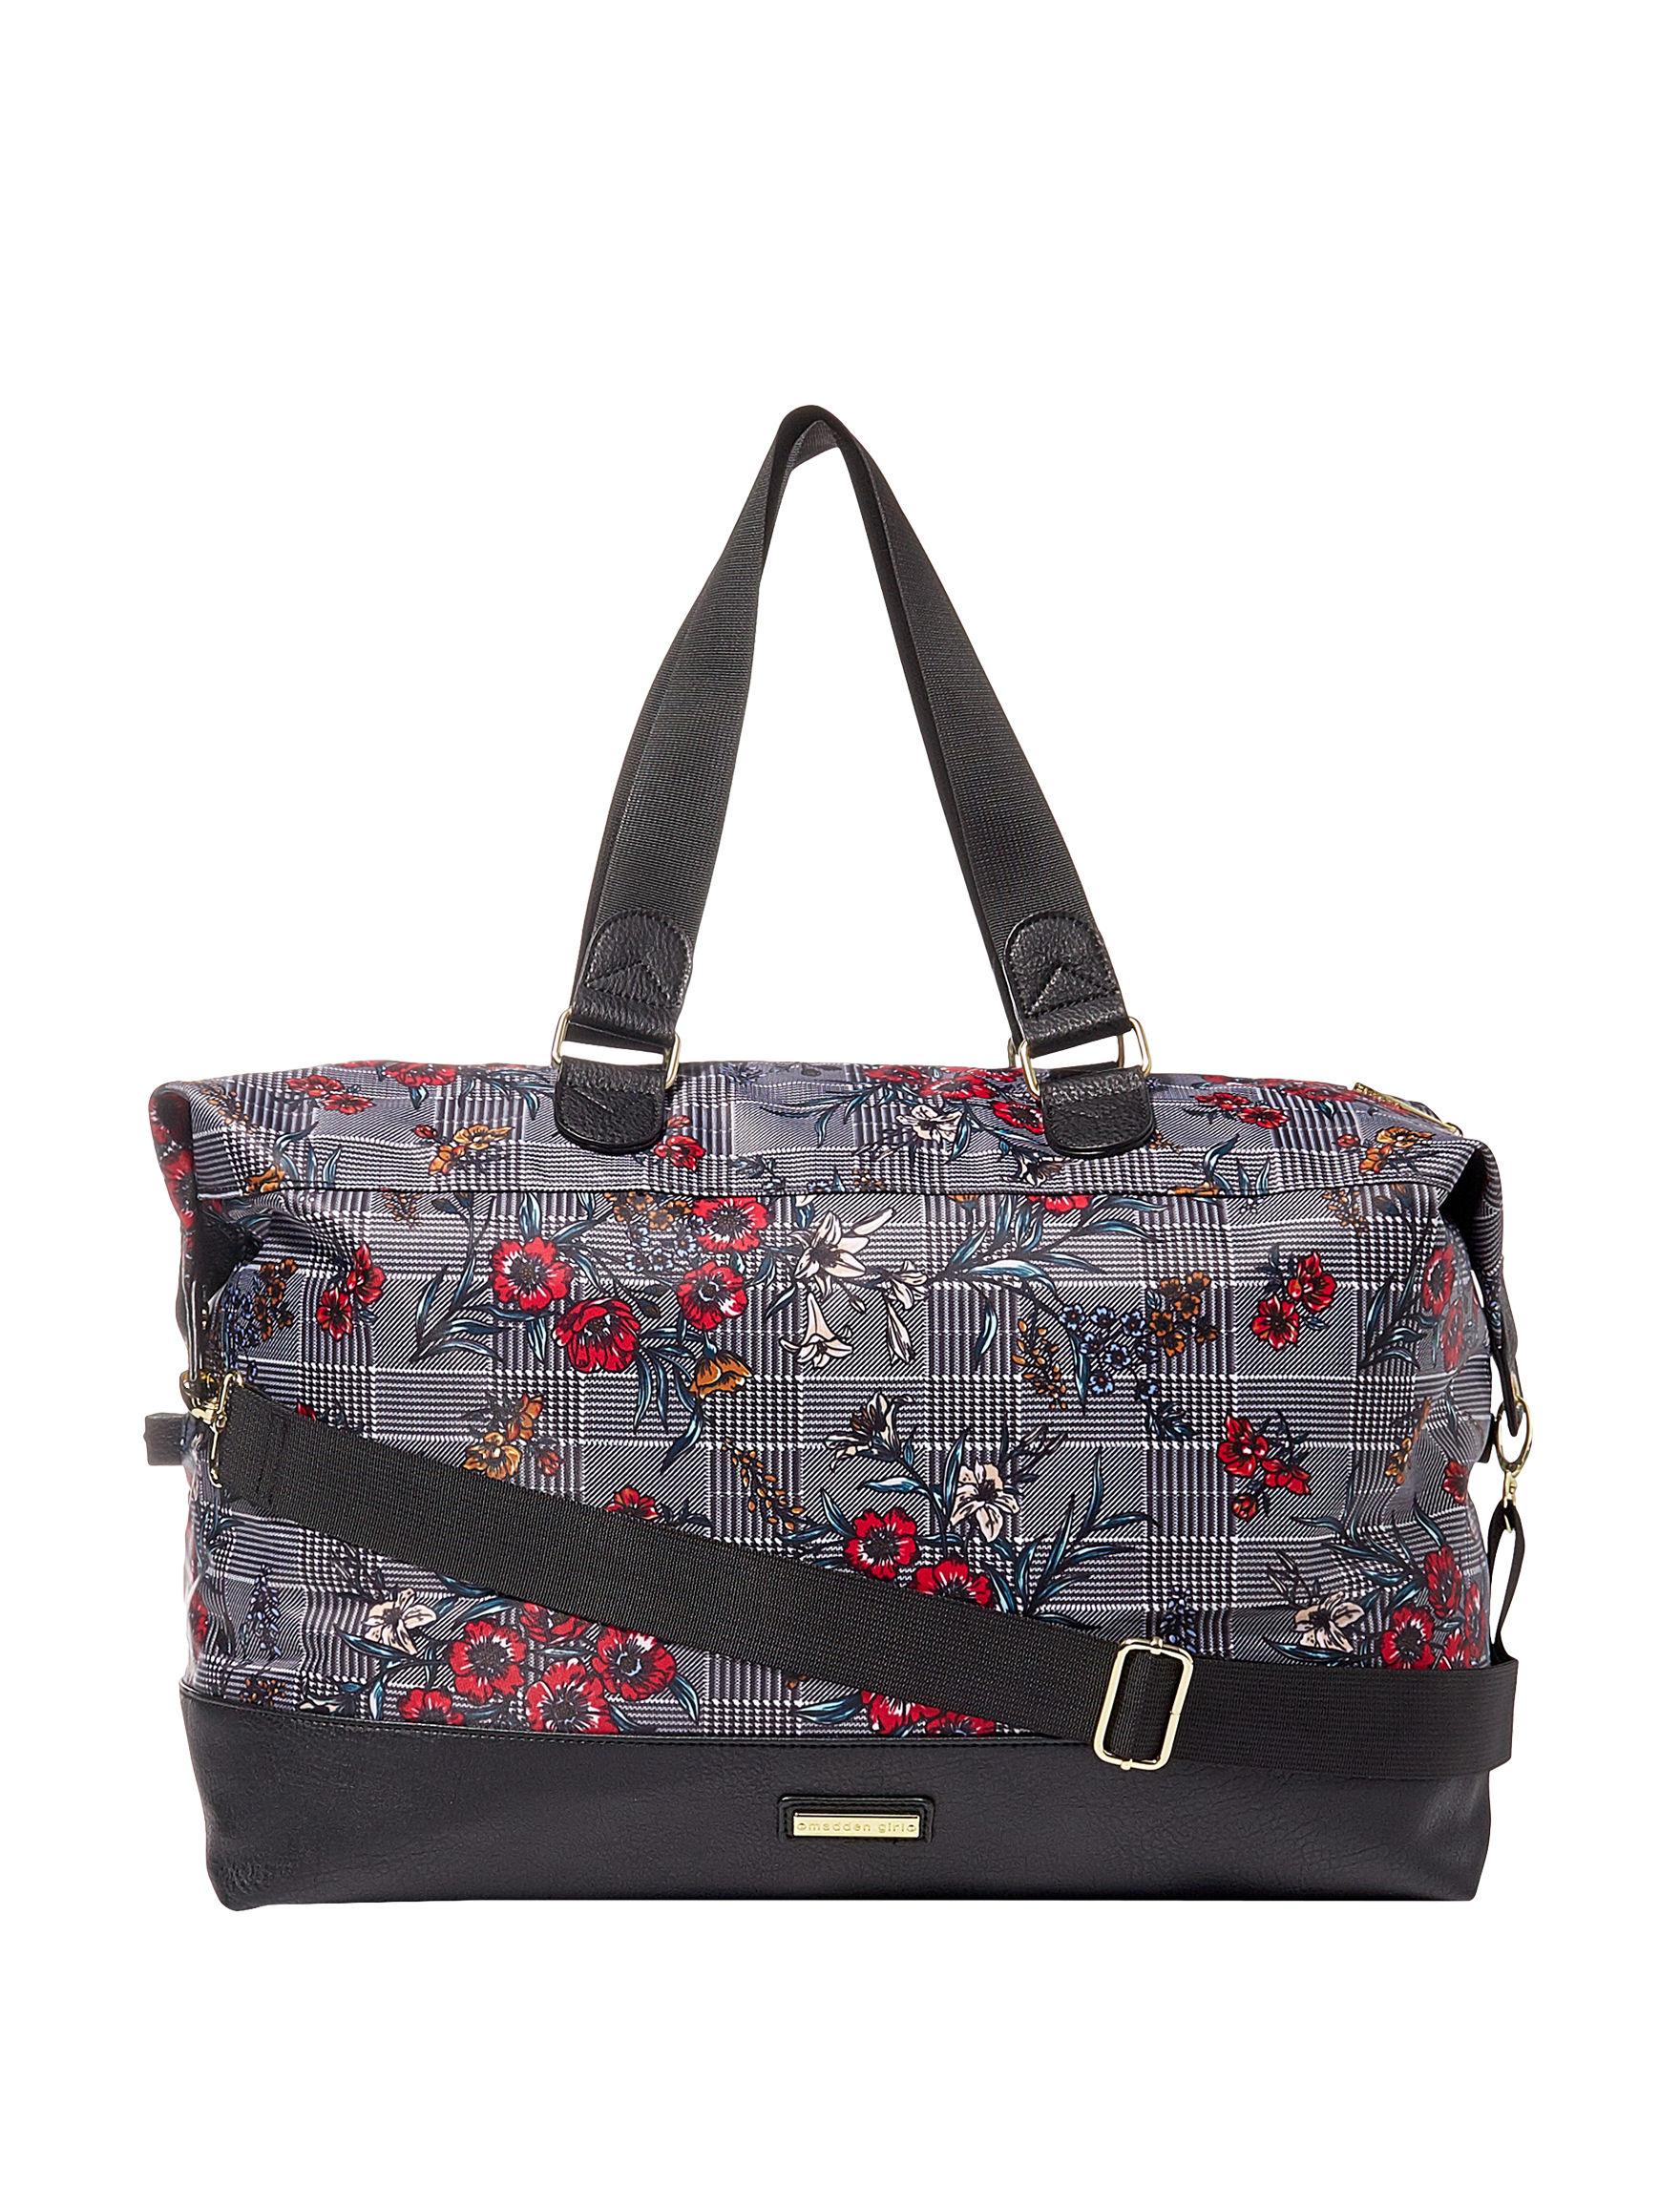 Madden Girl Black Multi Weekend Bags